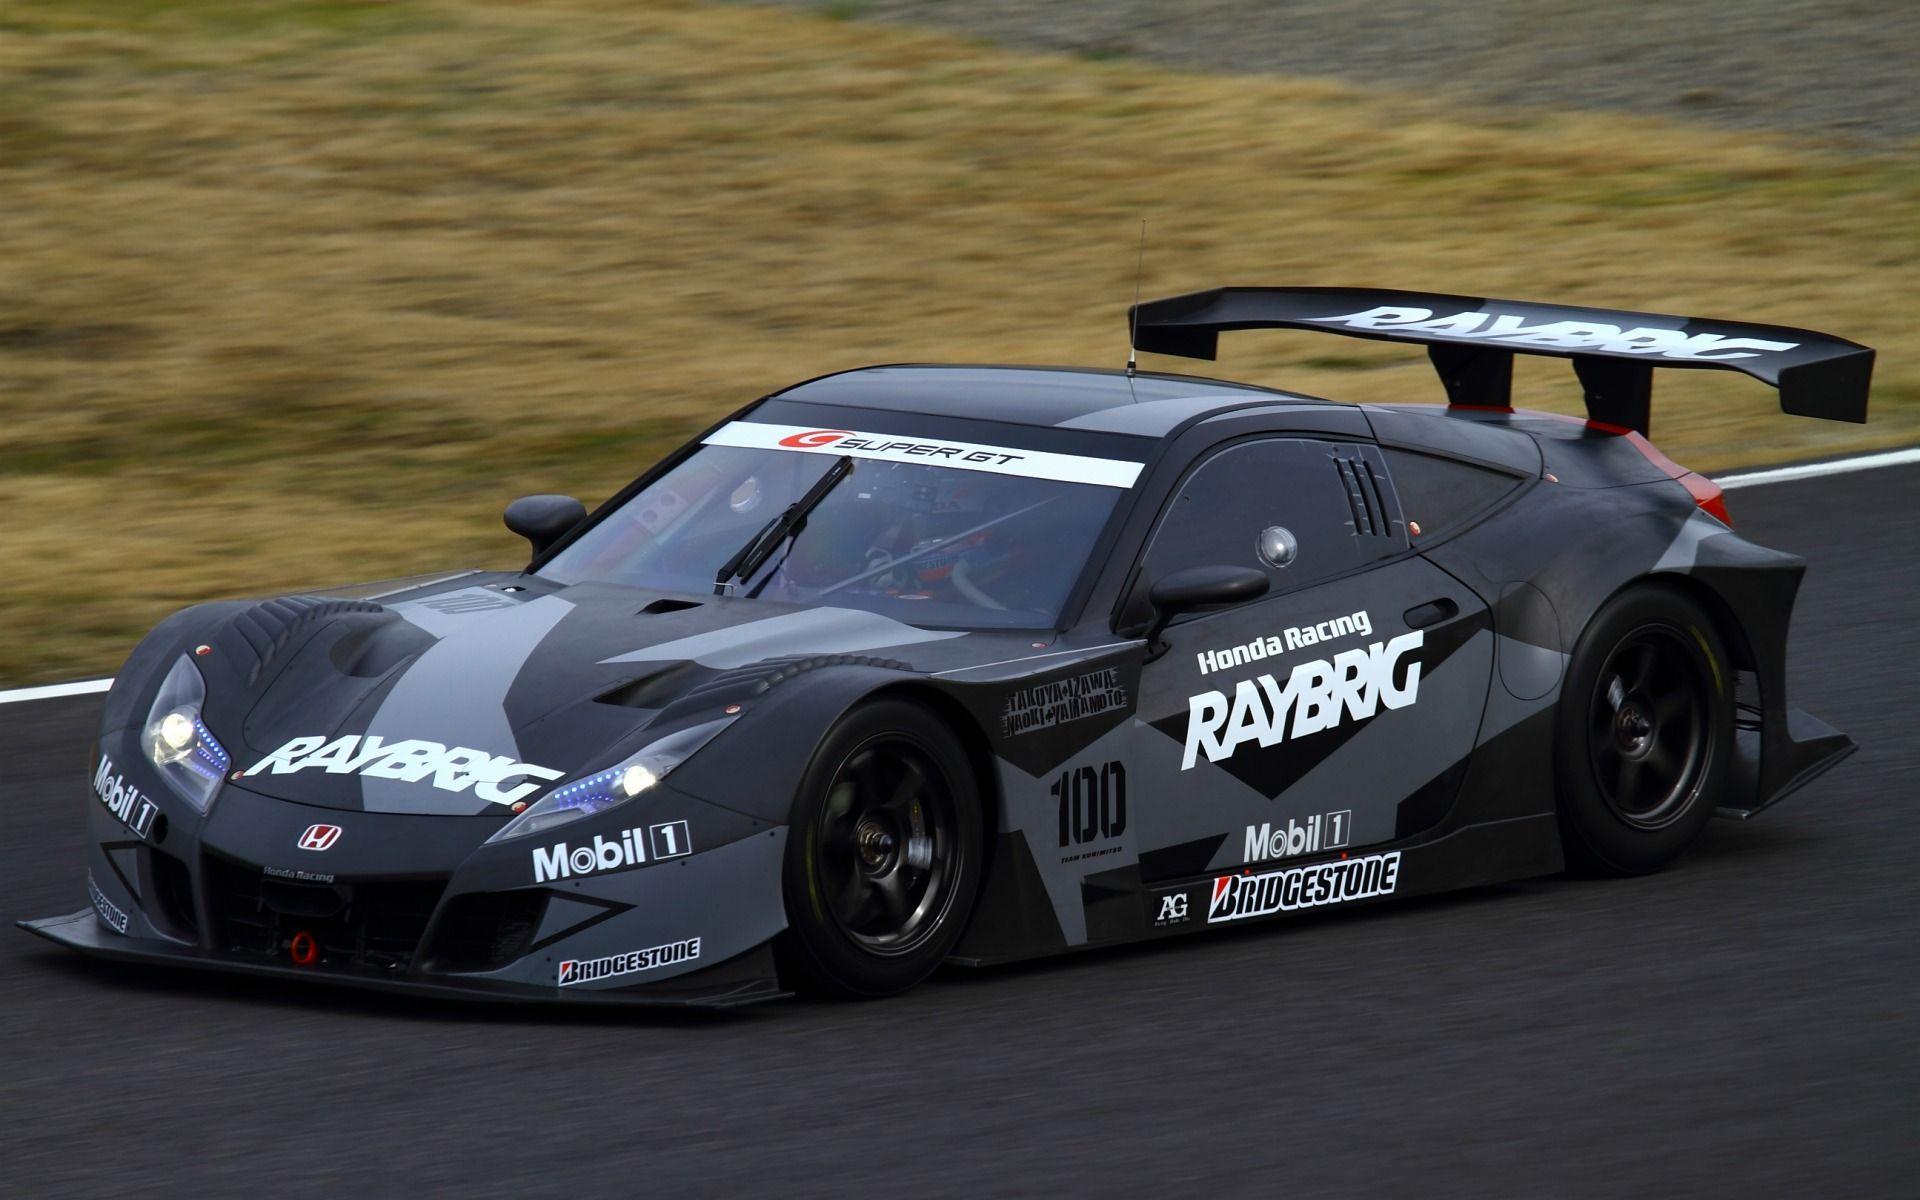 Raybrigホンダhsv 010のスーパーgtレースカー 車 高解像度で壁紙 レースカー スーパーgt カー